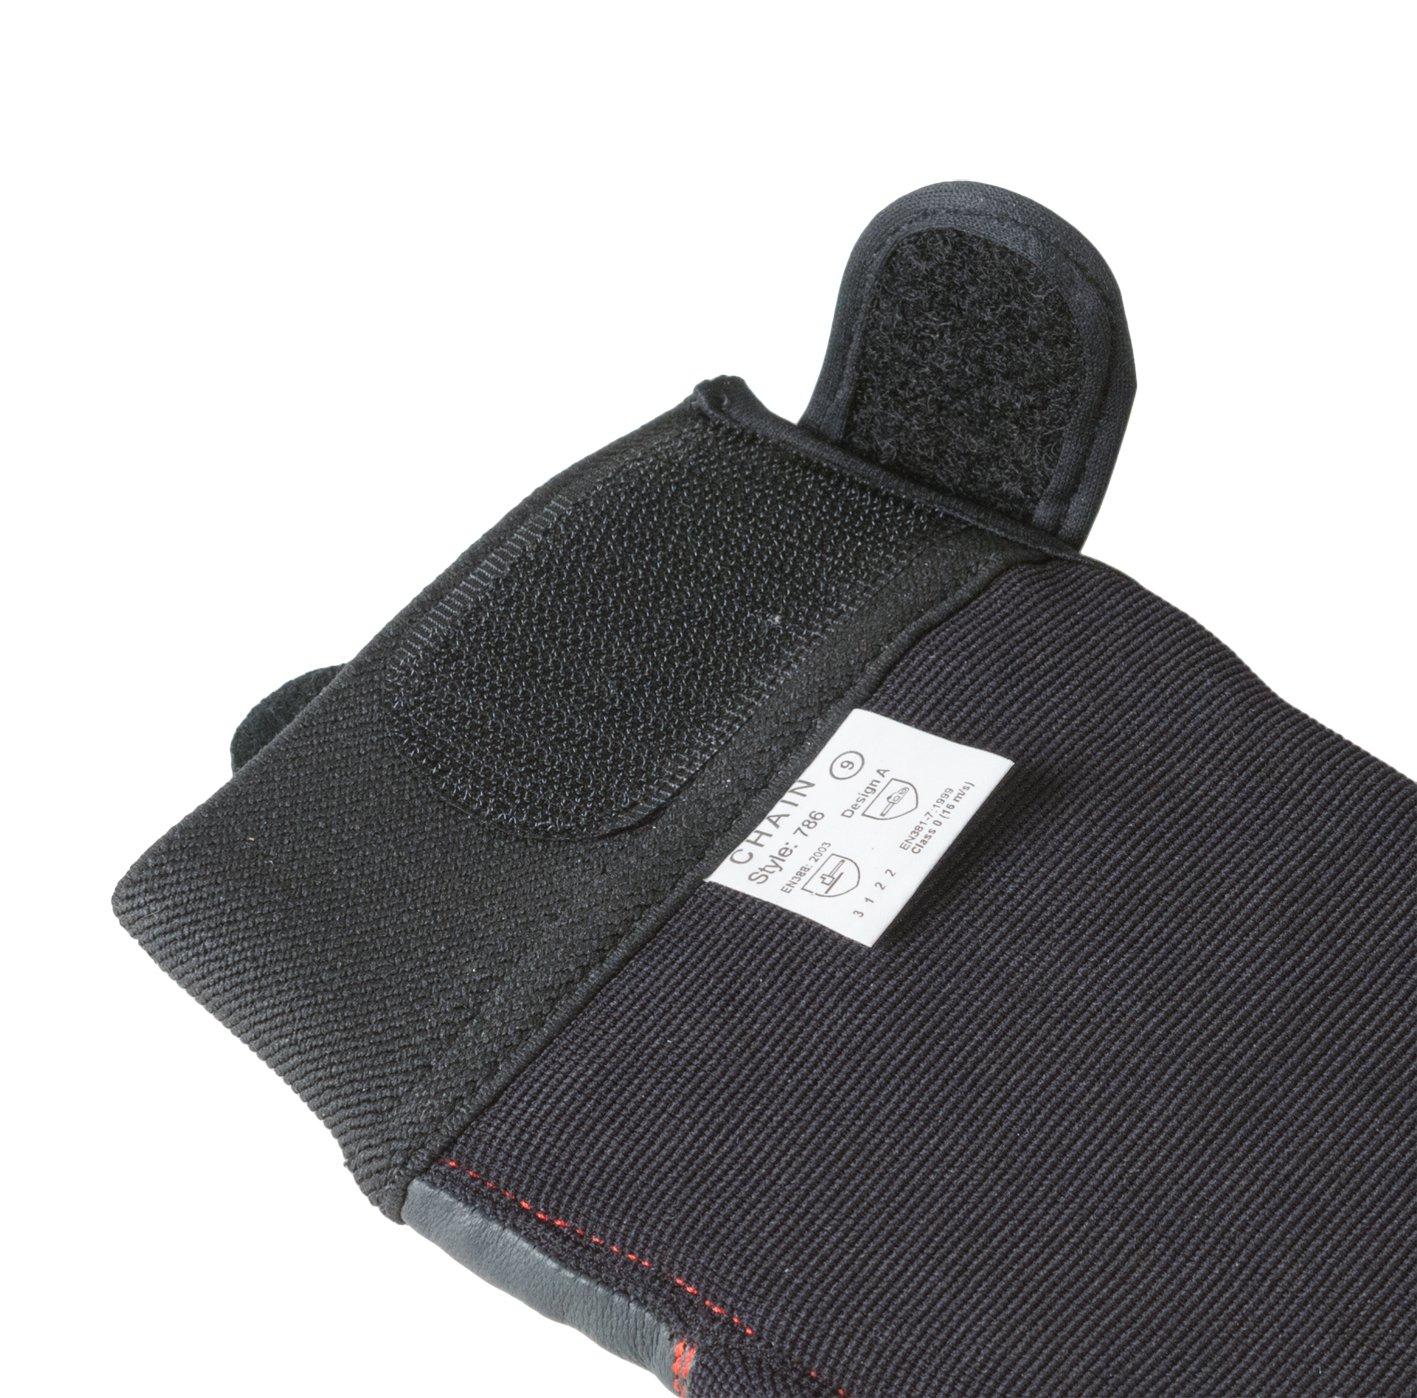 Stein motosega guanti protettivi per gli utenti Arborists o DIY Small 087475b93e21